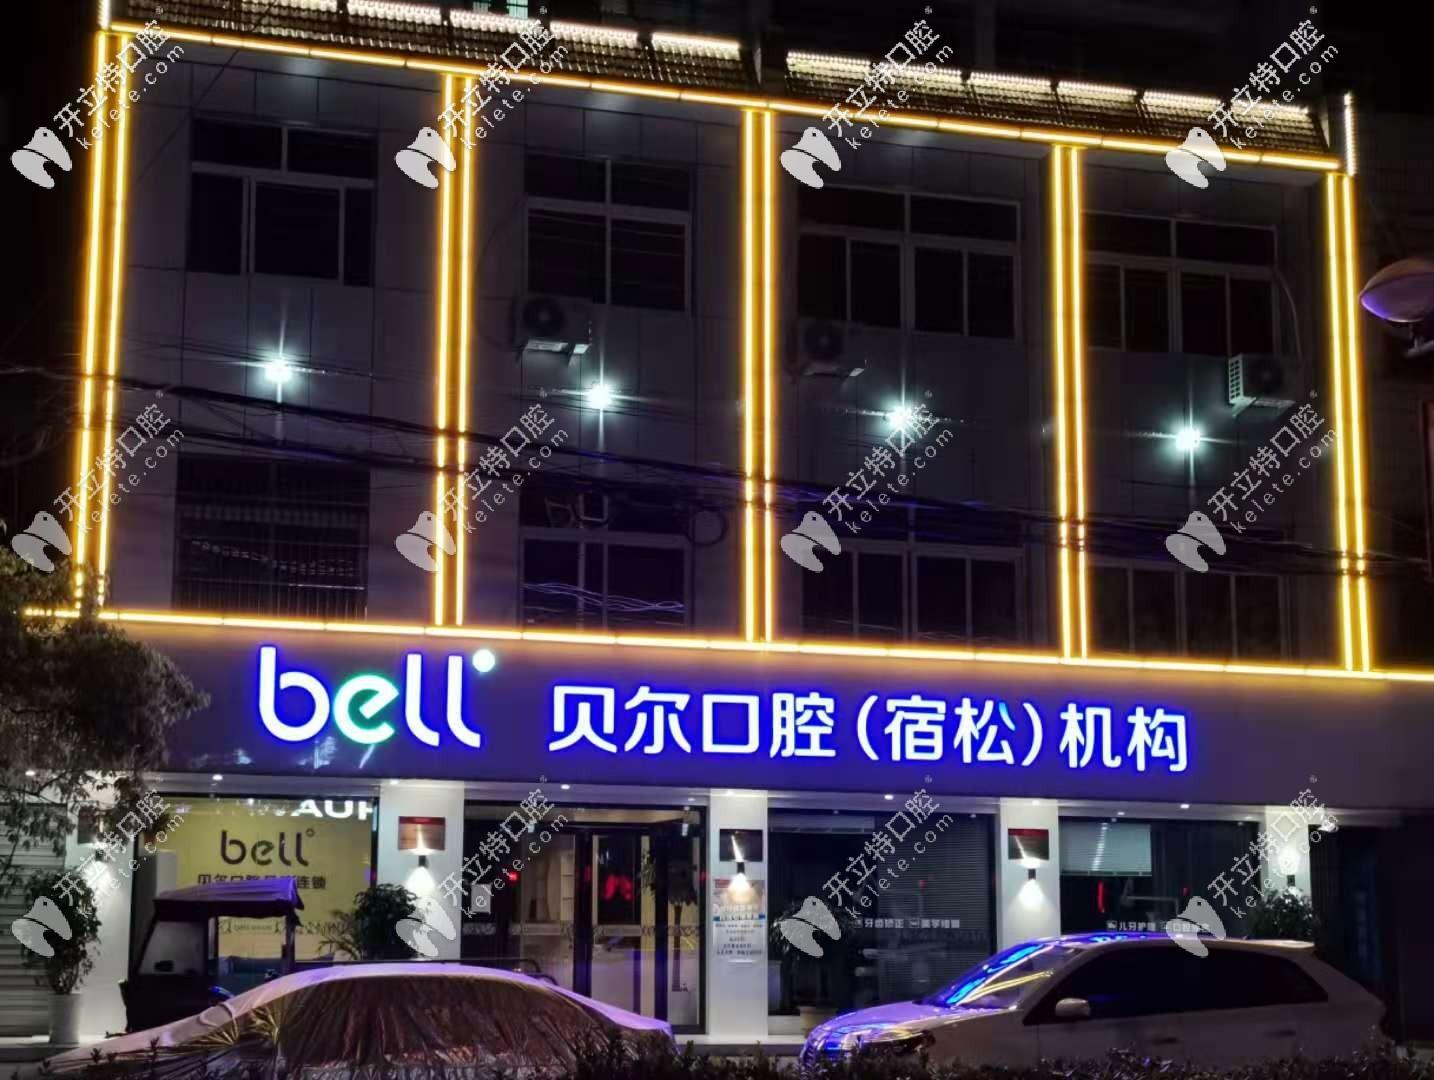 安庆贝尔口腔宿松店